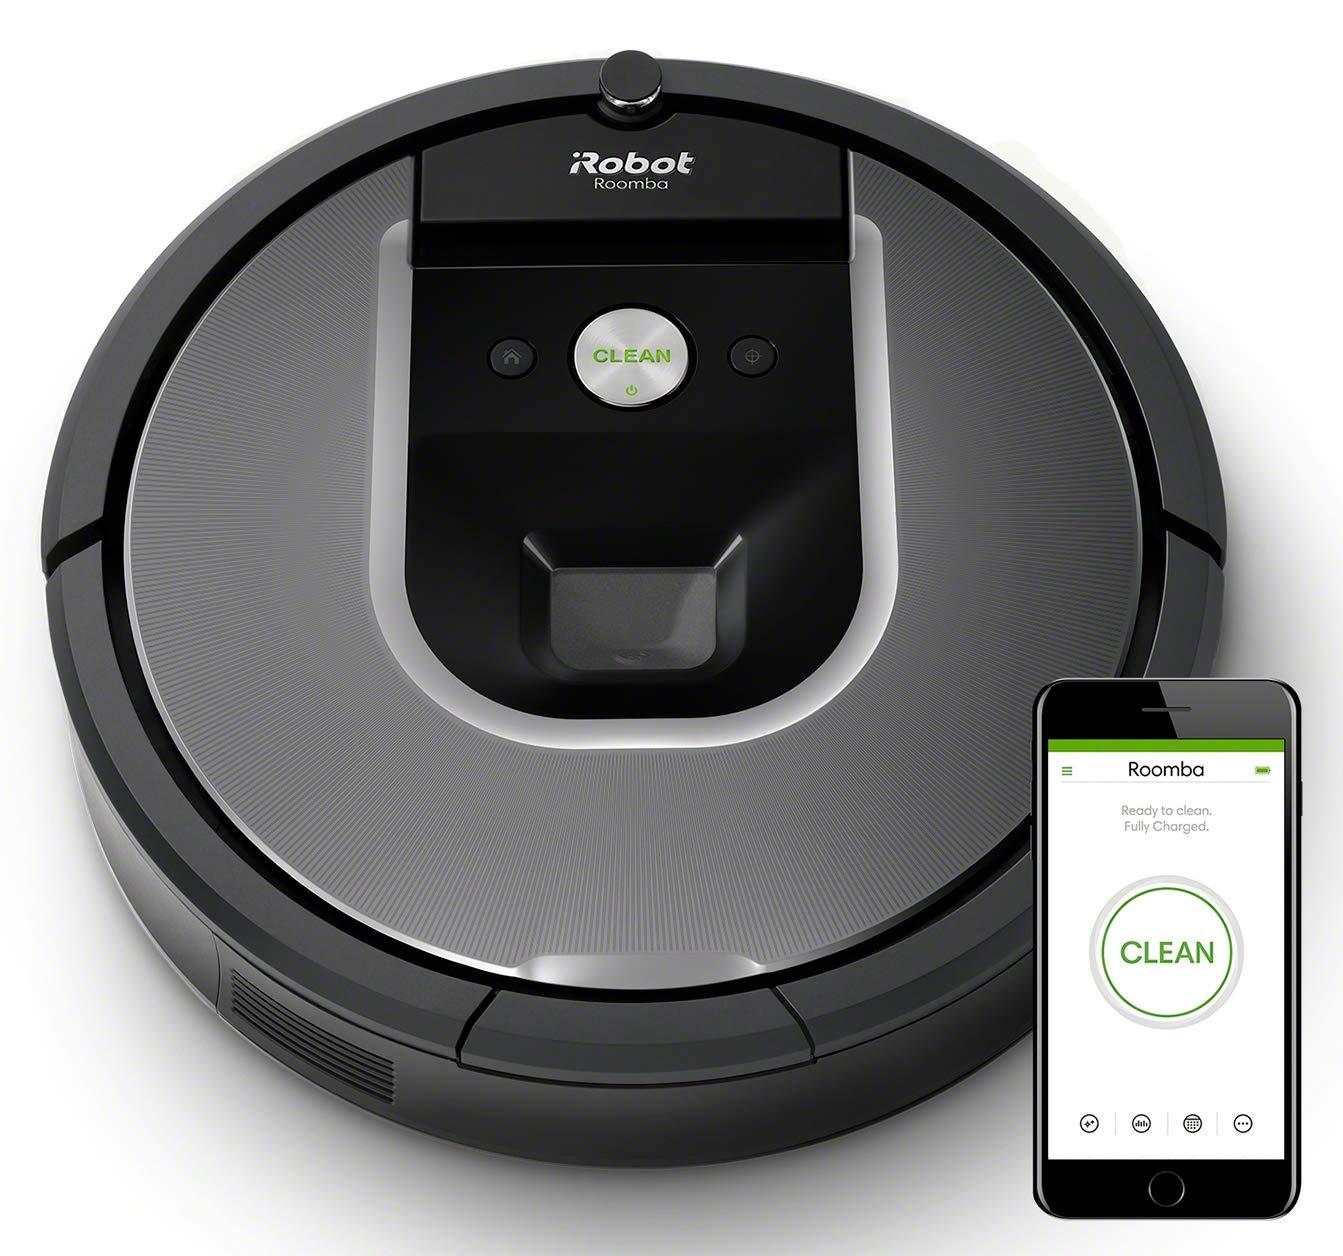 Comprar un robot aspirador como Roomba. Comparativa de modelos. 5